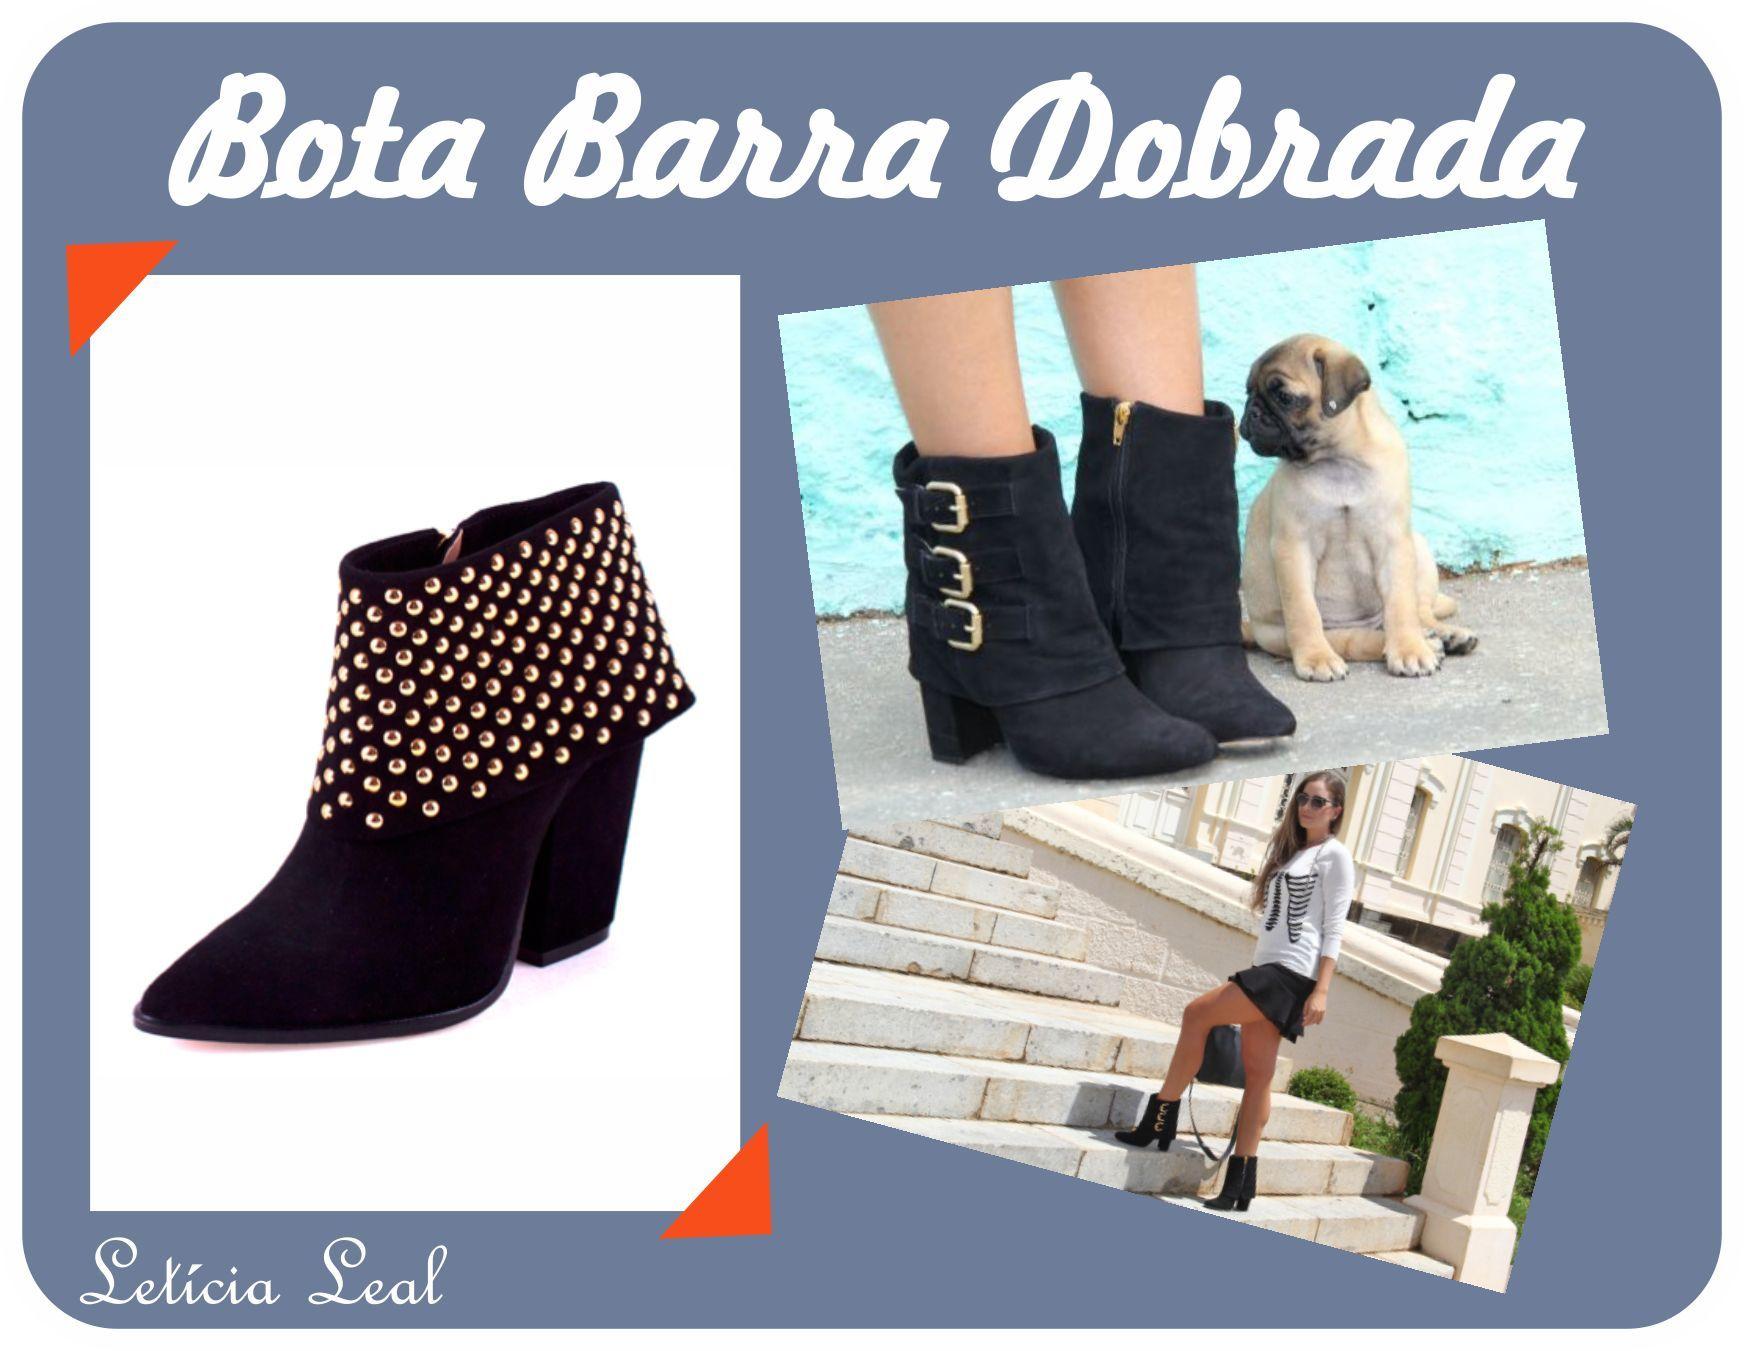 bota_barra_dobrada_sos_solteiro